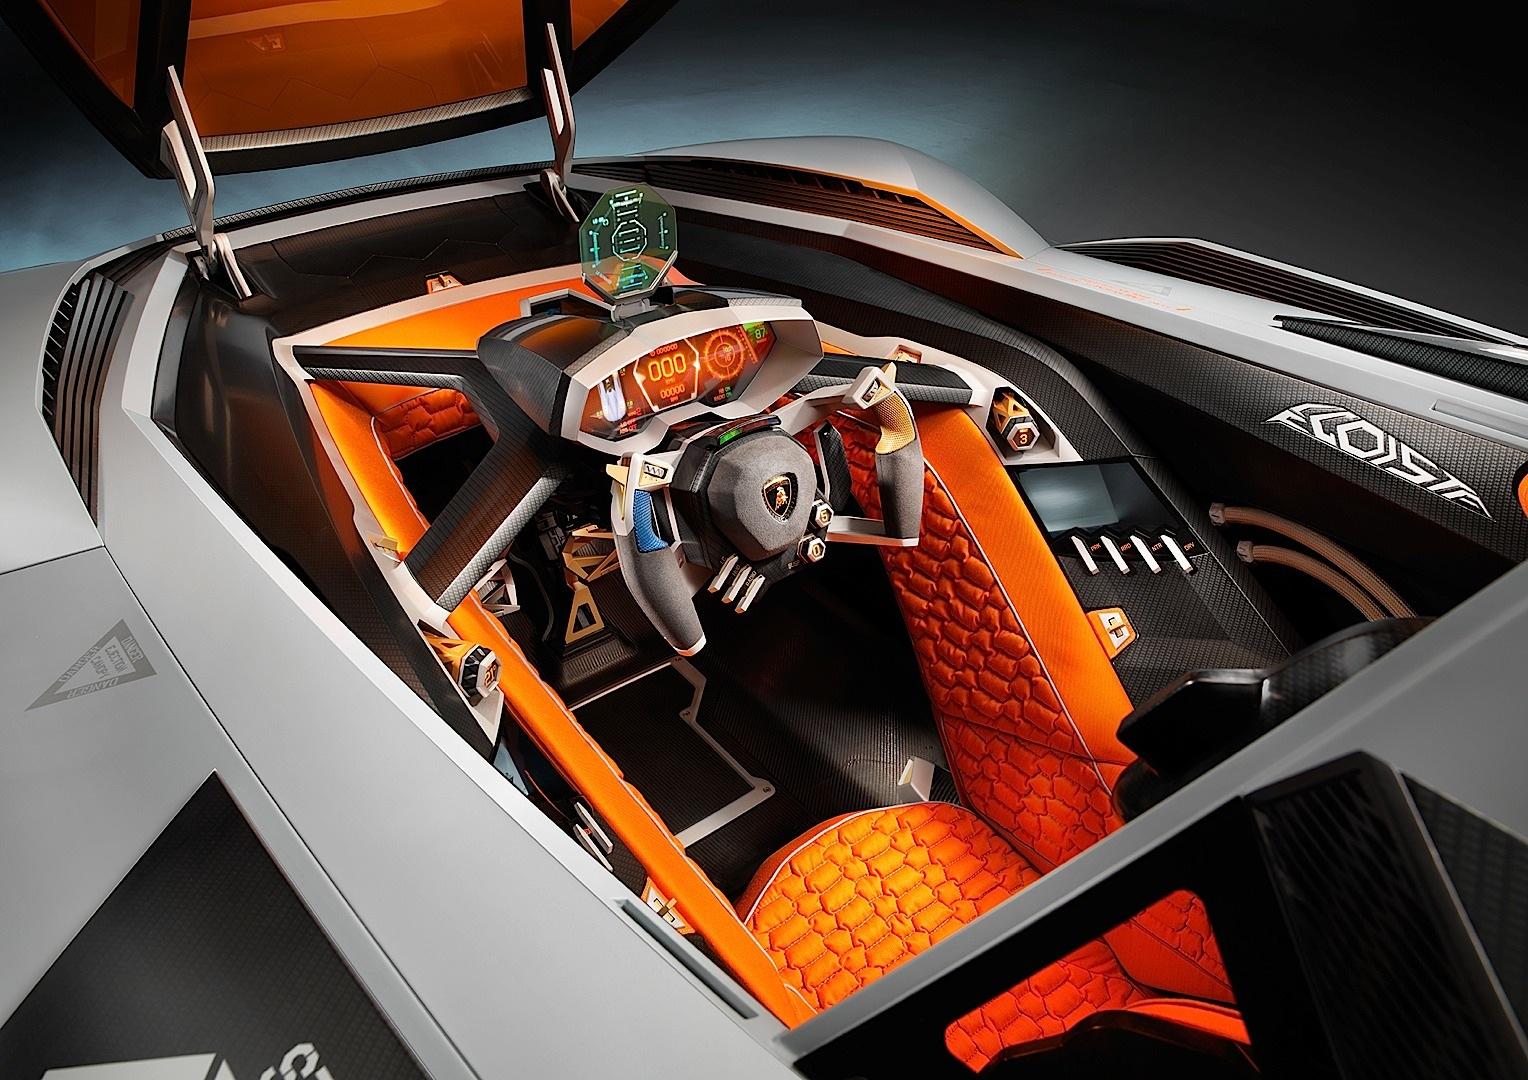 Sports Cars Lamborghini Egoista Hd Wallpapers 1080p